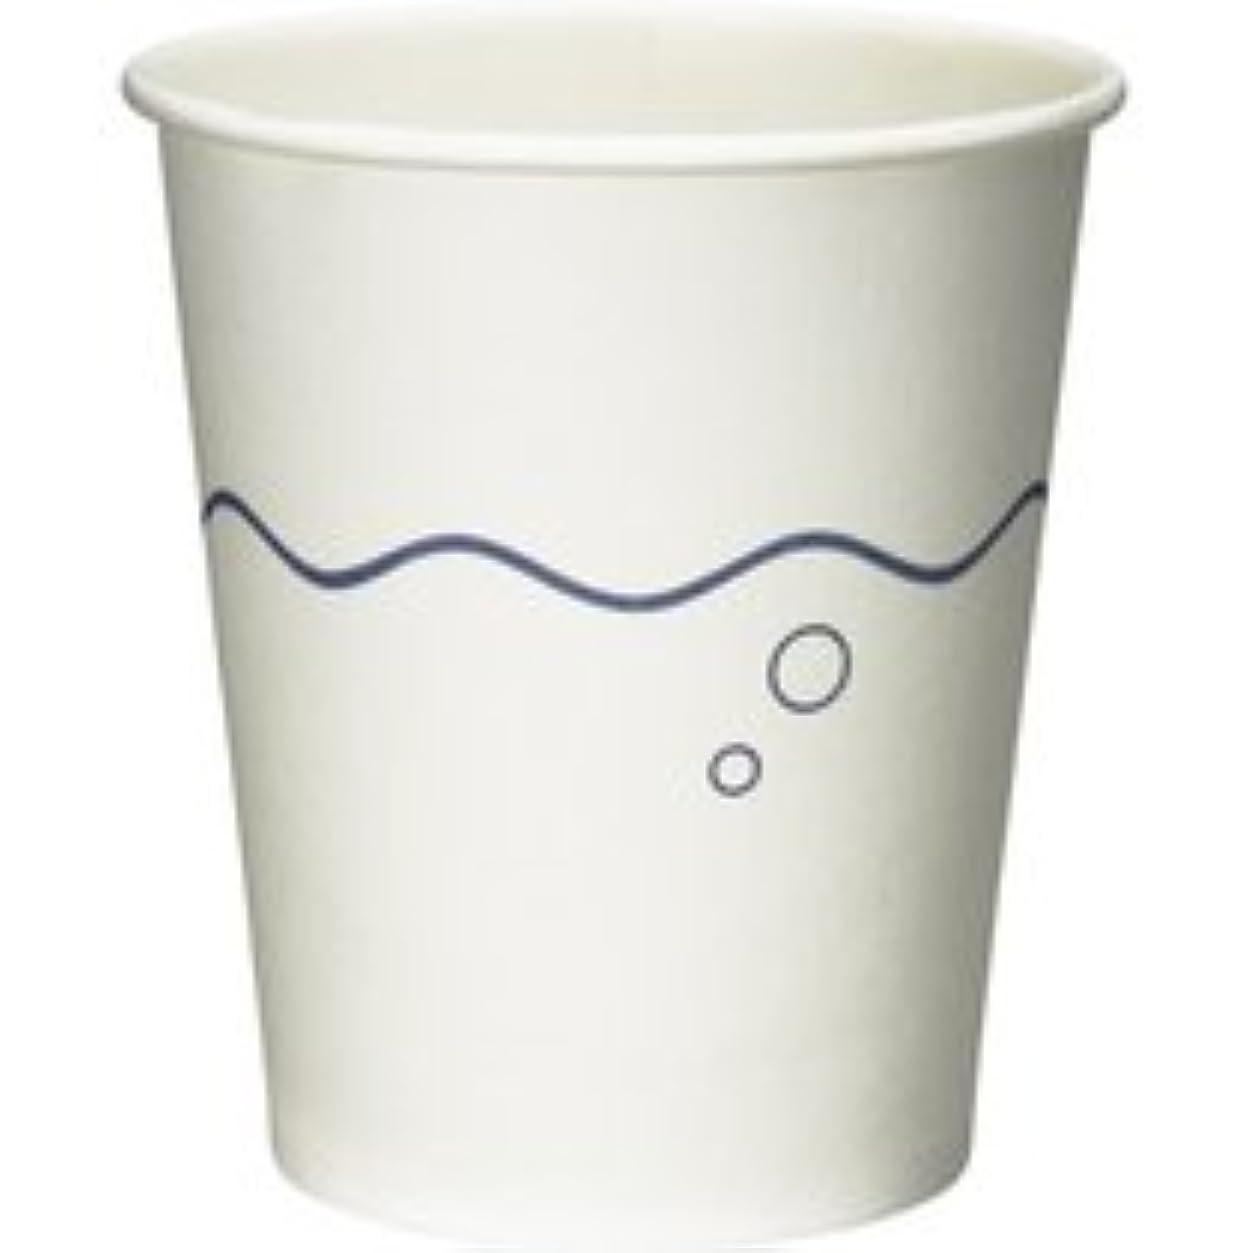 地平線ブルウィンクファーストレイト うがい用紙コップ 青波 5オンス(150ml) FR-174 1セット(4000個:100個×40パック)